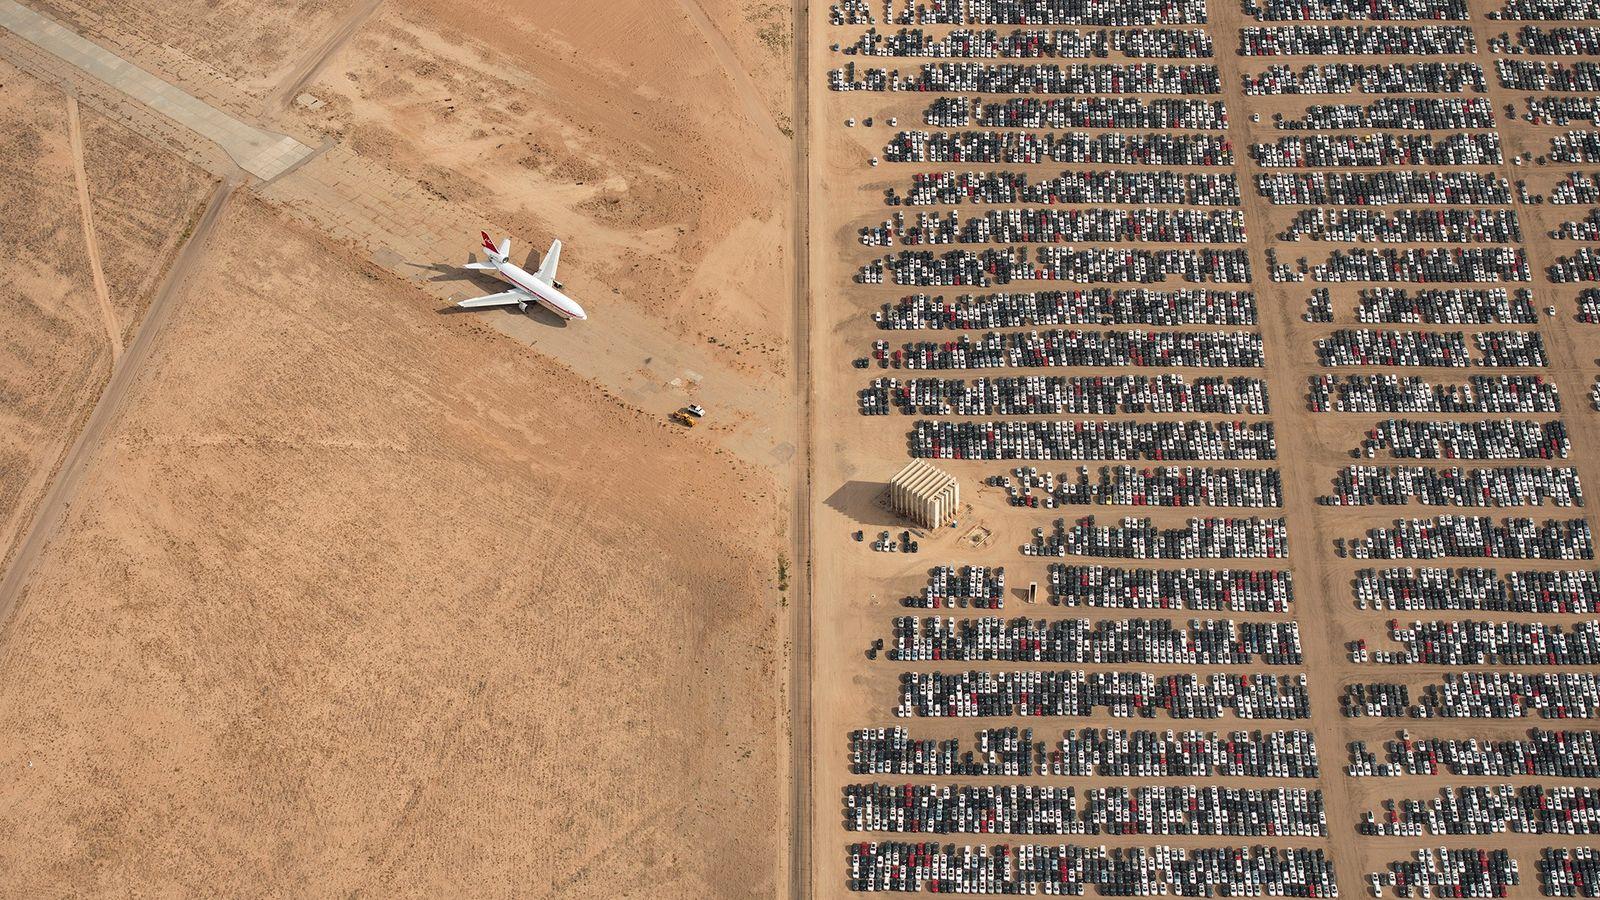 Cette photographie, qui représente des milliers de voitures Volkswagen et Audi immobiles dans le Désert des ...